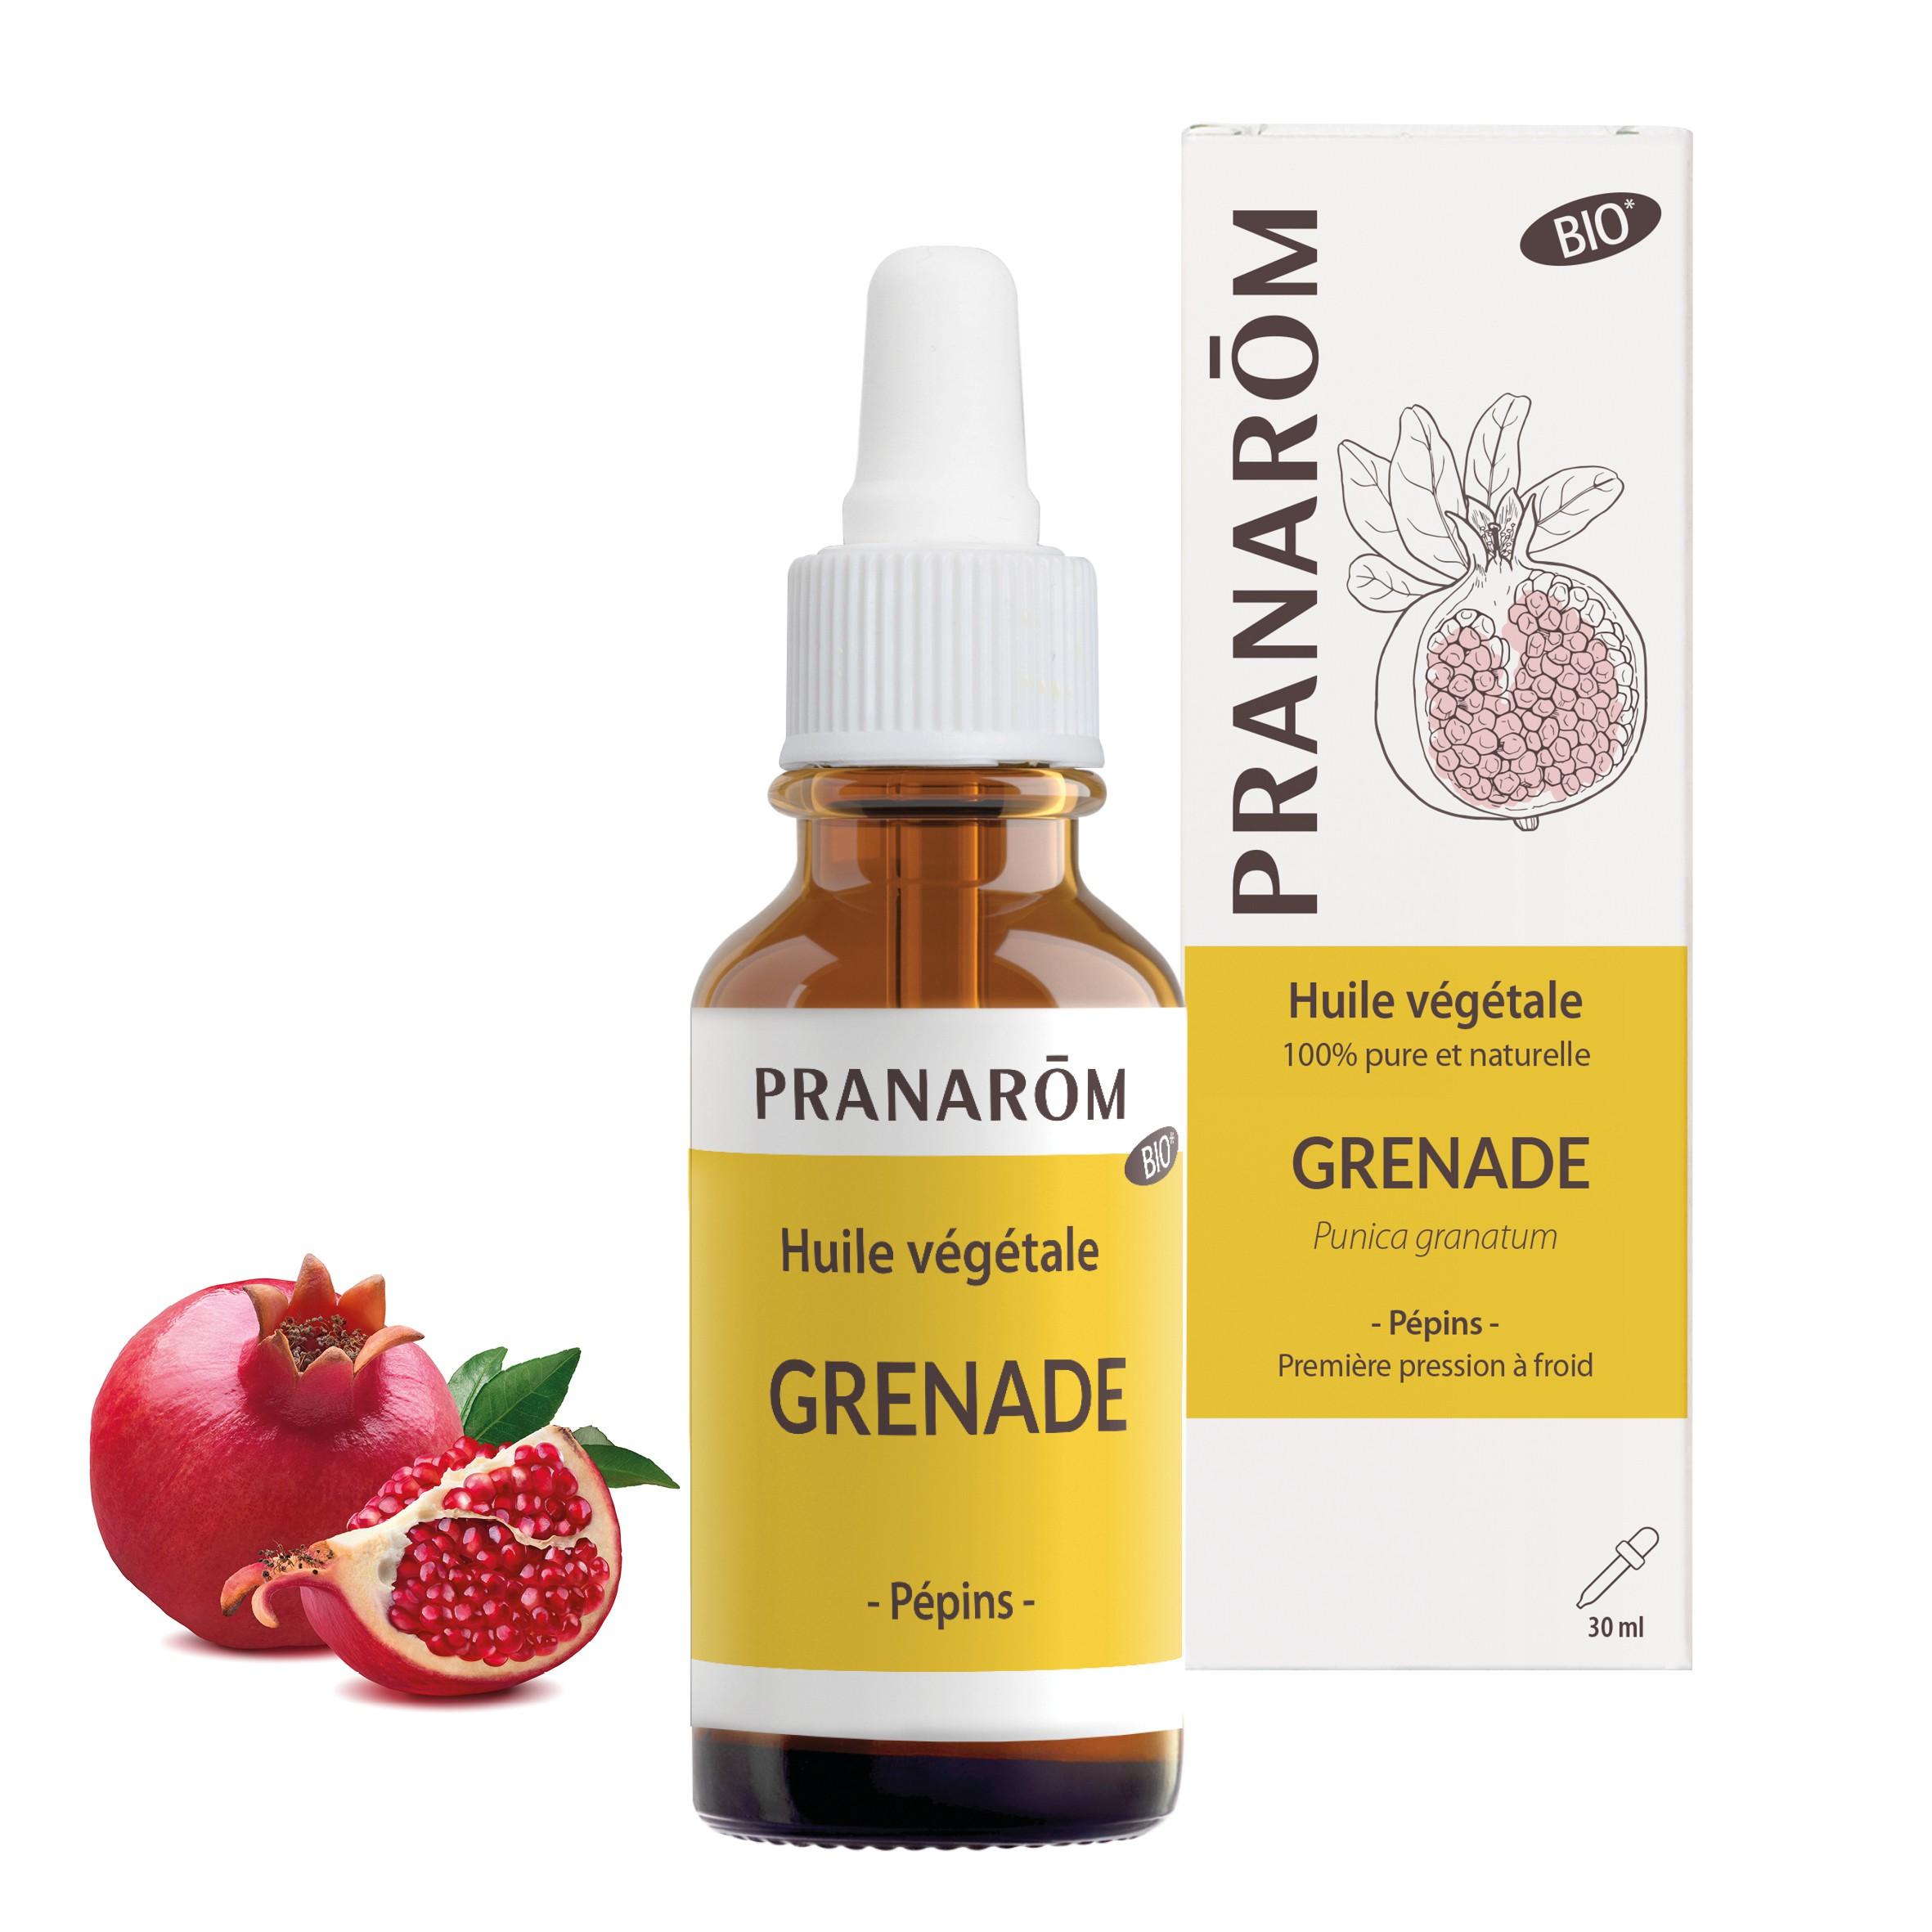 huiles végétales bio Pranarôm